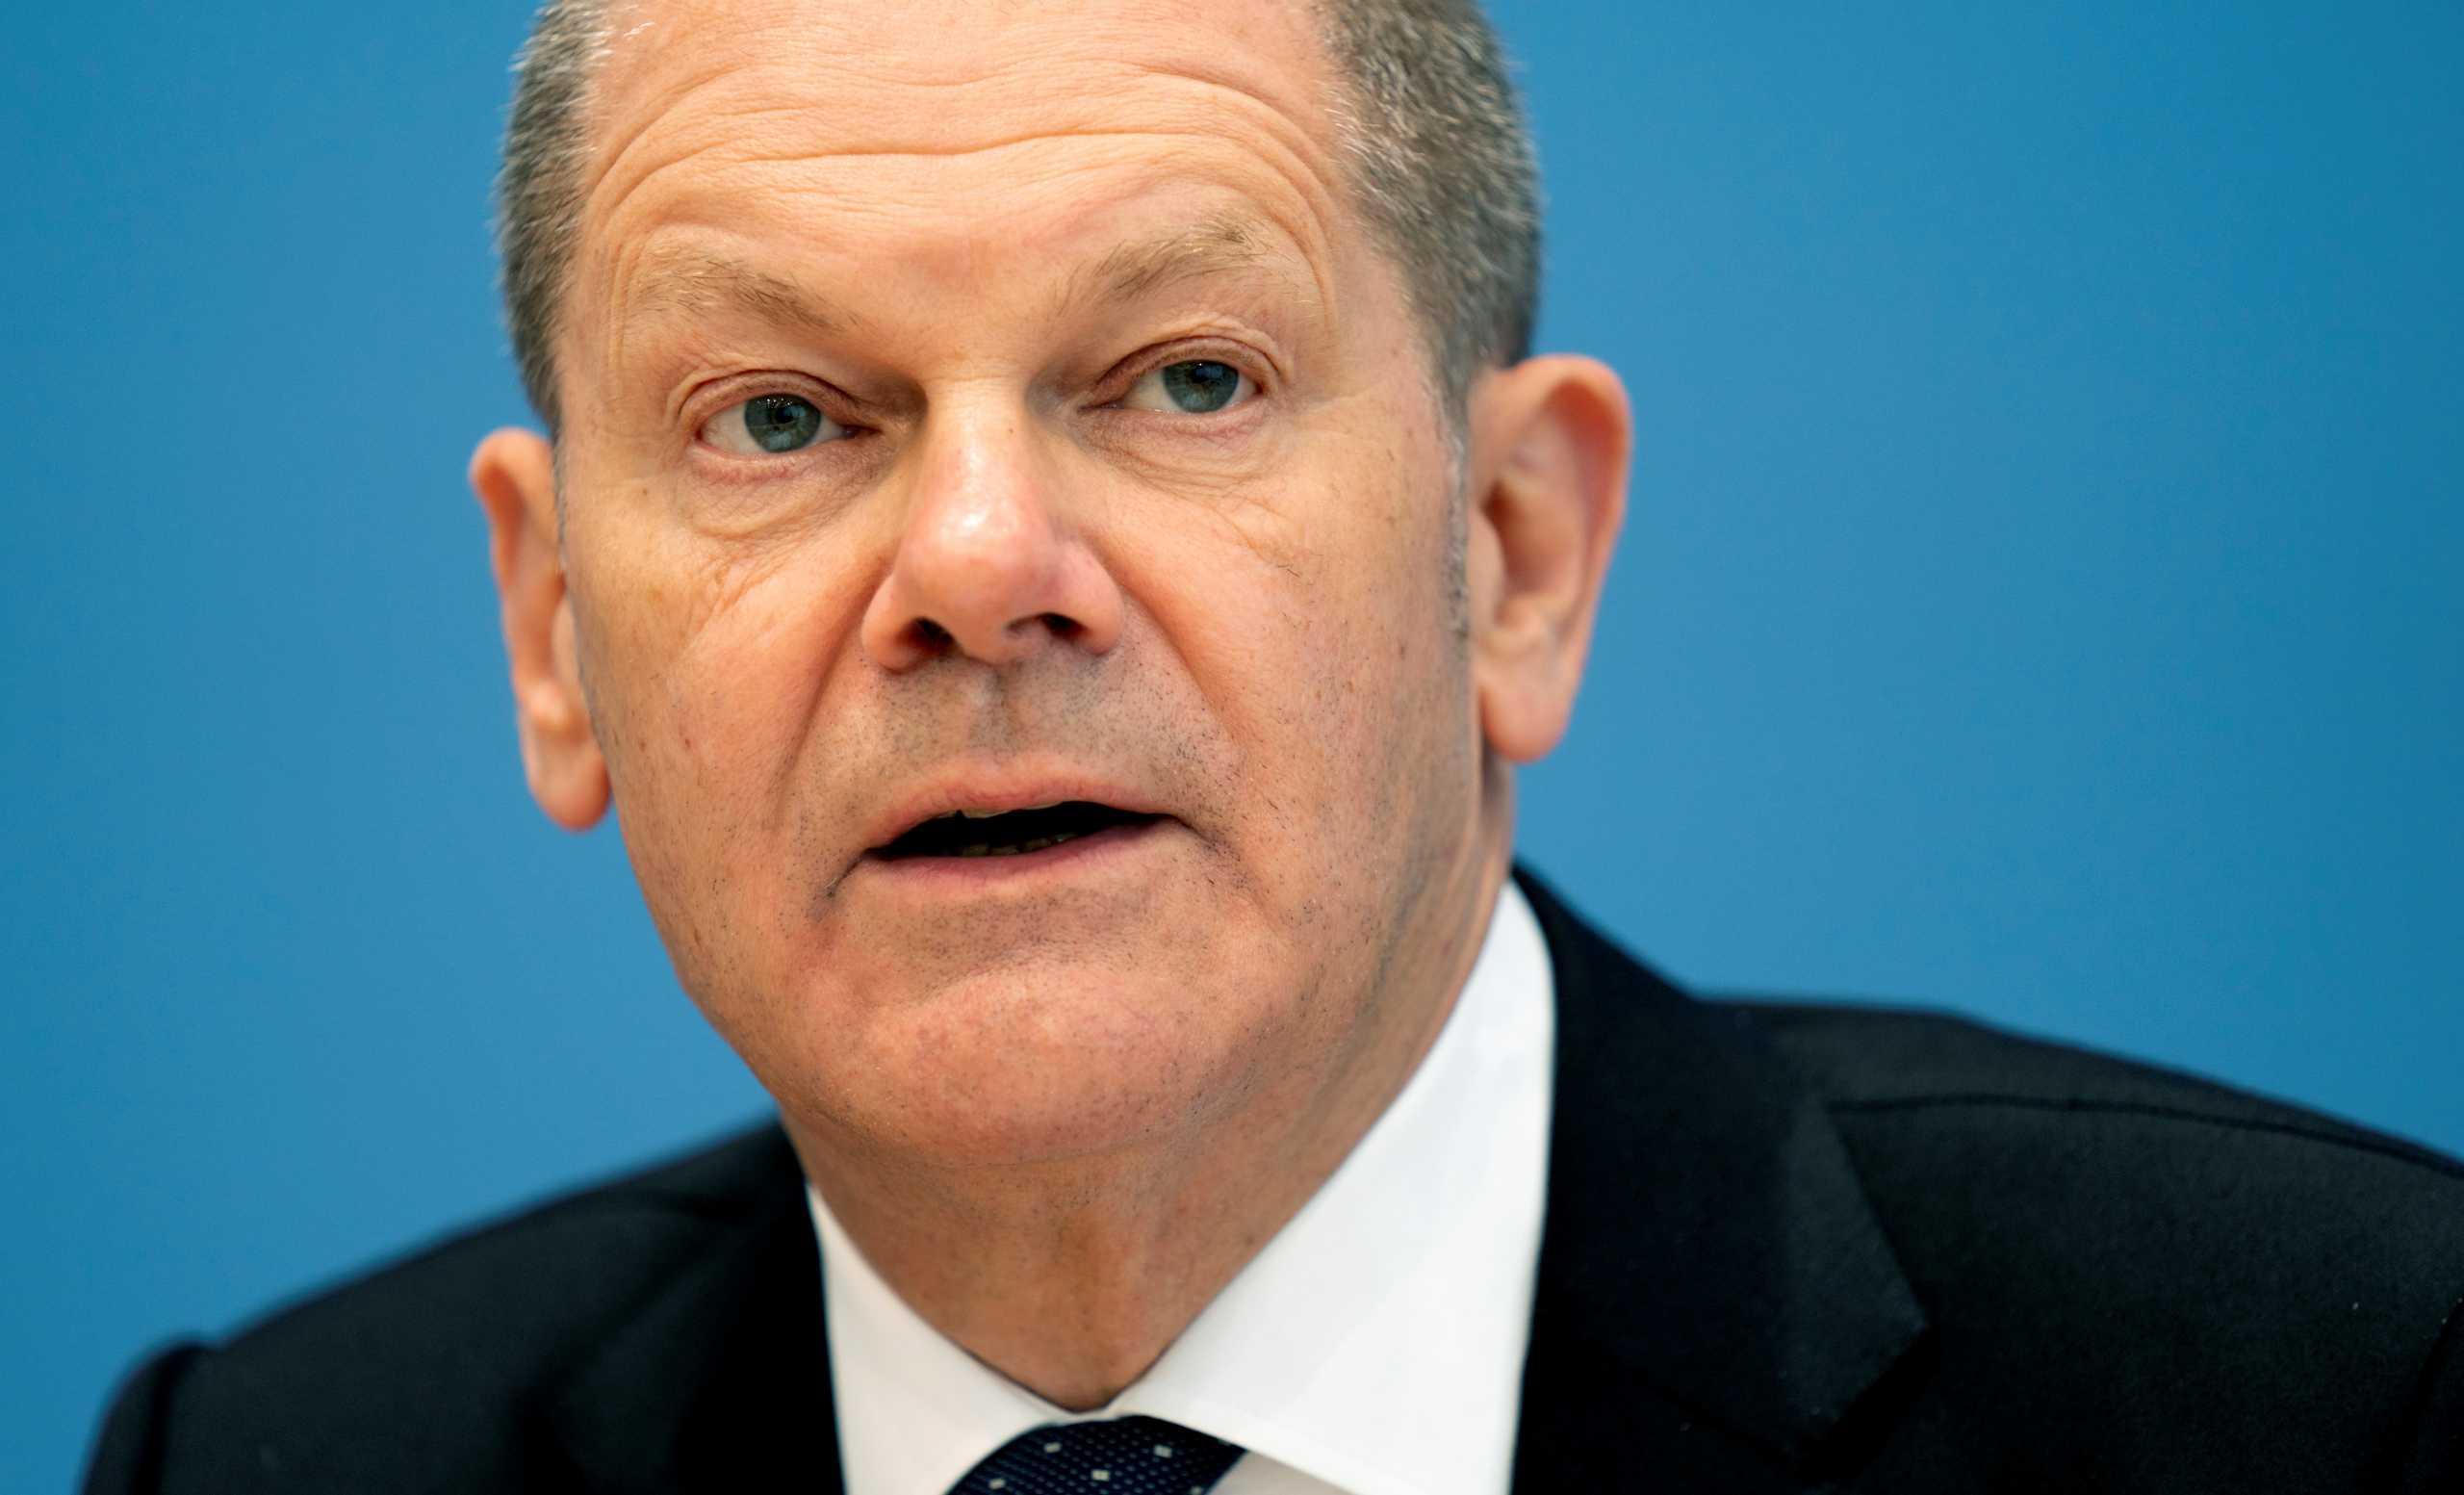 Γερμανία: Ο Όλαφ Σολτς εκτιμά ότι θα υπάρξει μεγάλη ανάκαμψη των οικονομιών μόλις βελτιωθεί η κατάσταση με τον κορονοϊό